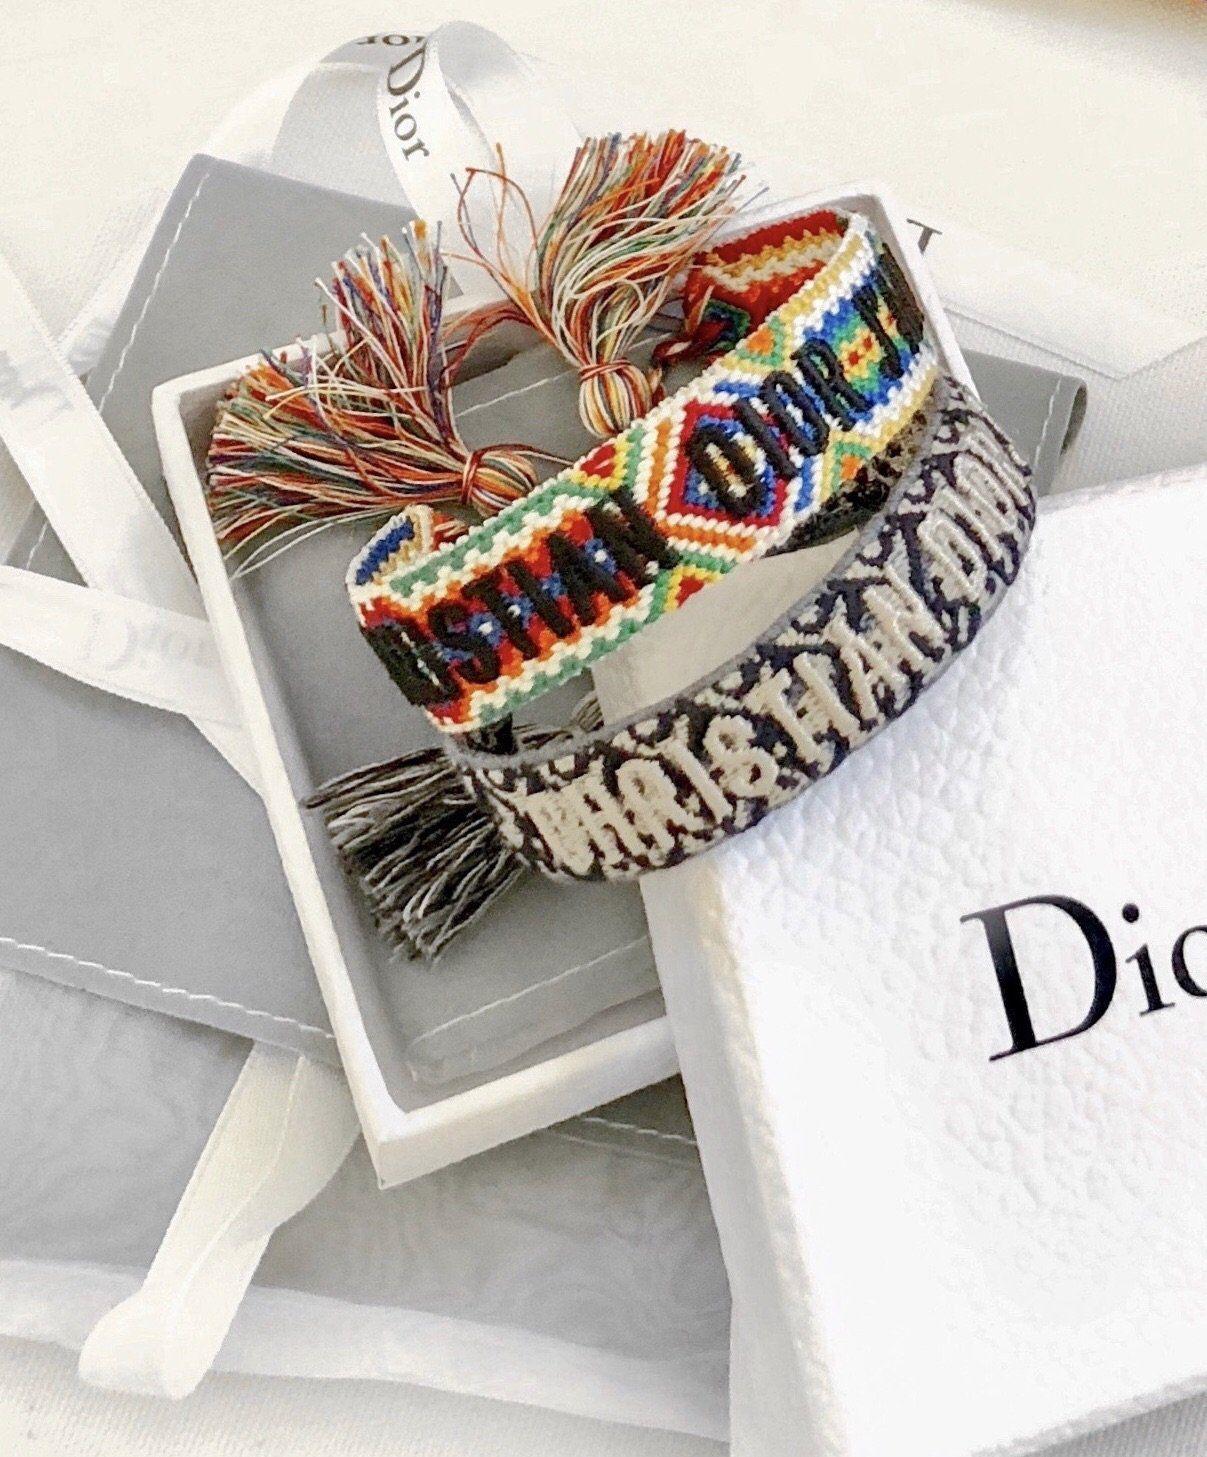 baratas para descuento 0368a 1bcce Dior